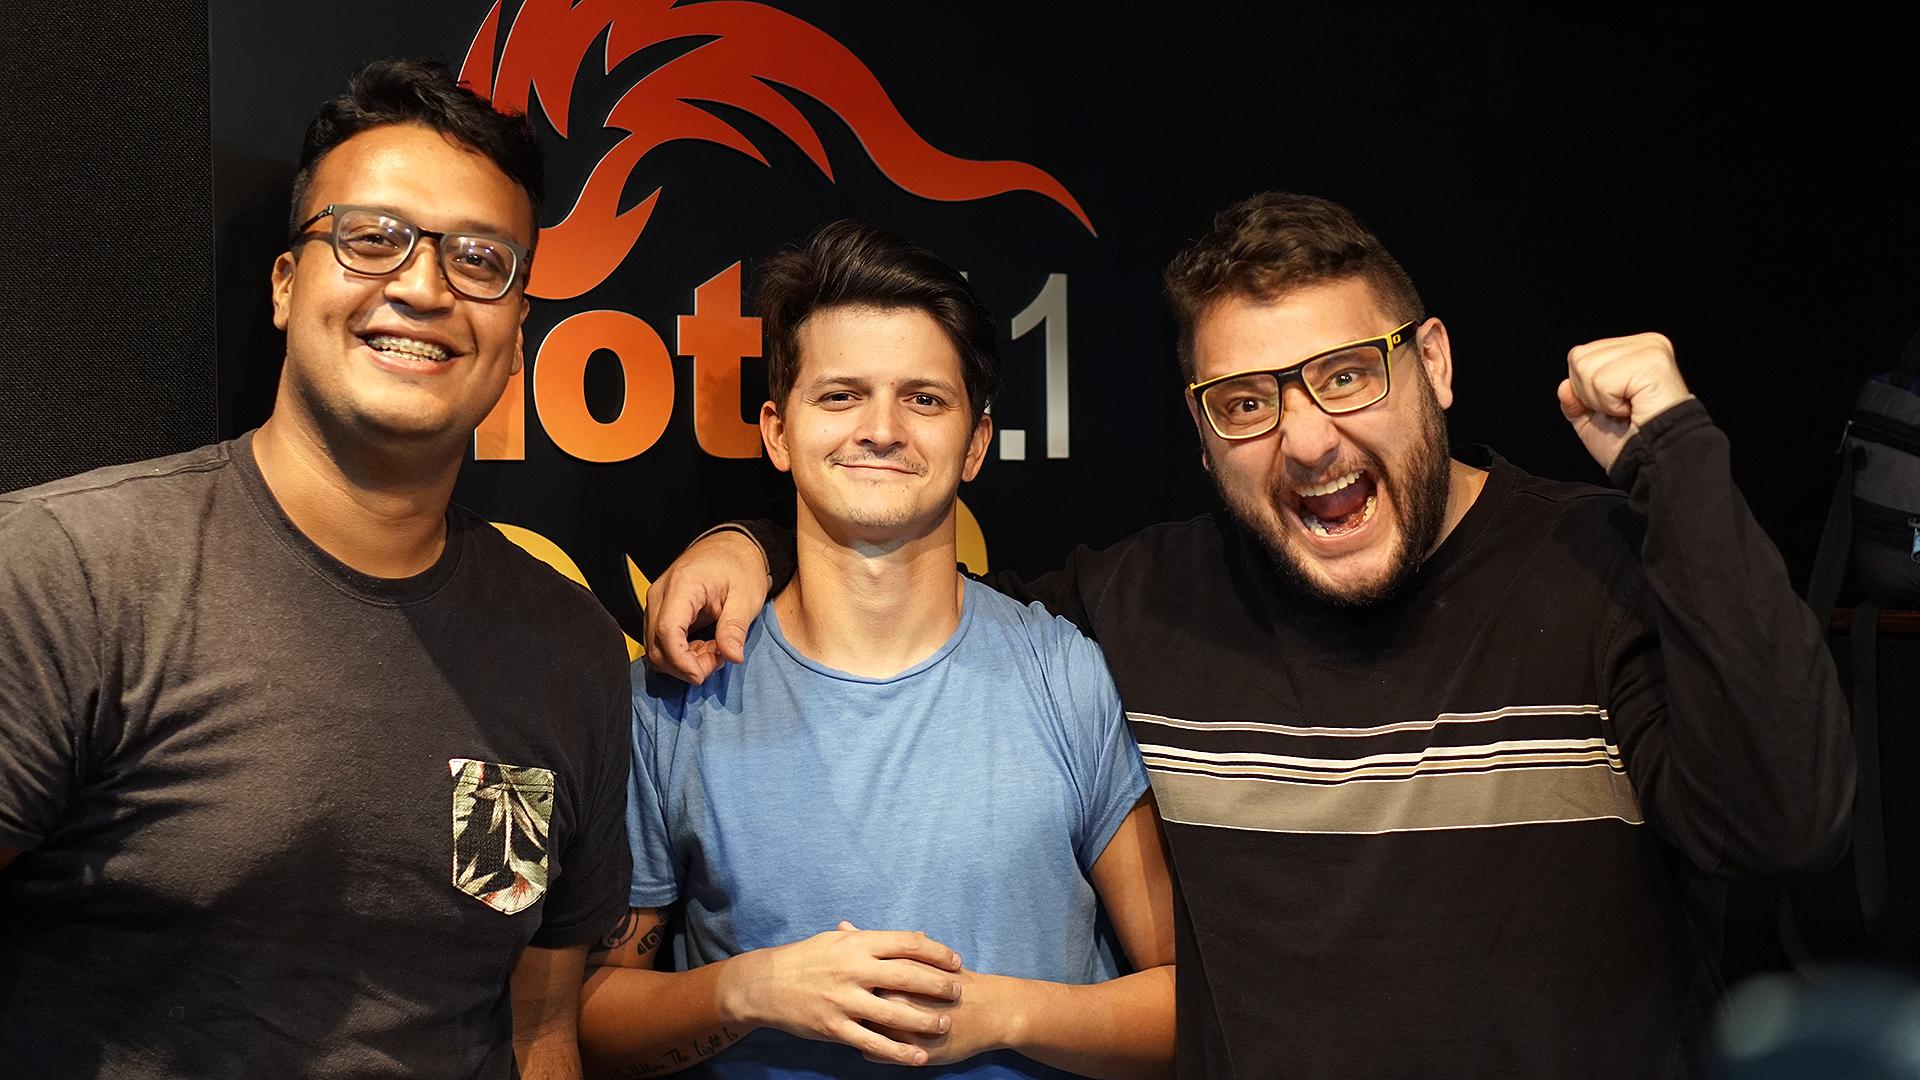 Oscar Martínez López, Alfredo Lovera y Rodolfo Colmenares, llevan las noticias de una forma jocosa en Hot 94 FM